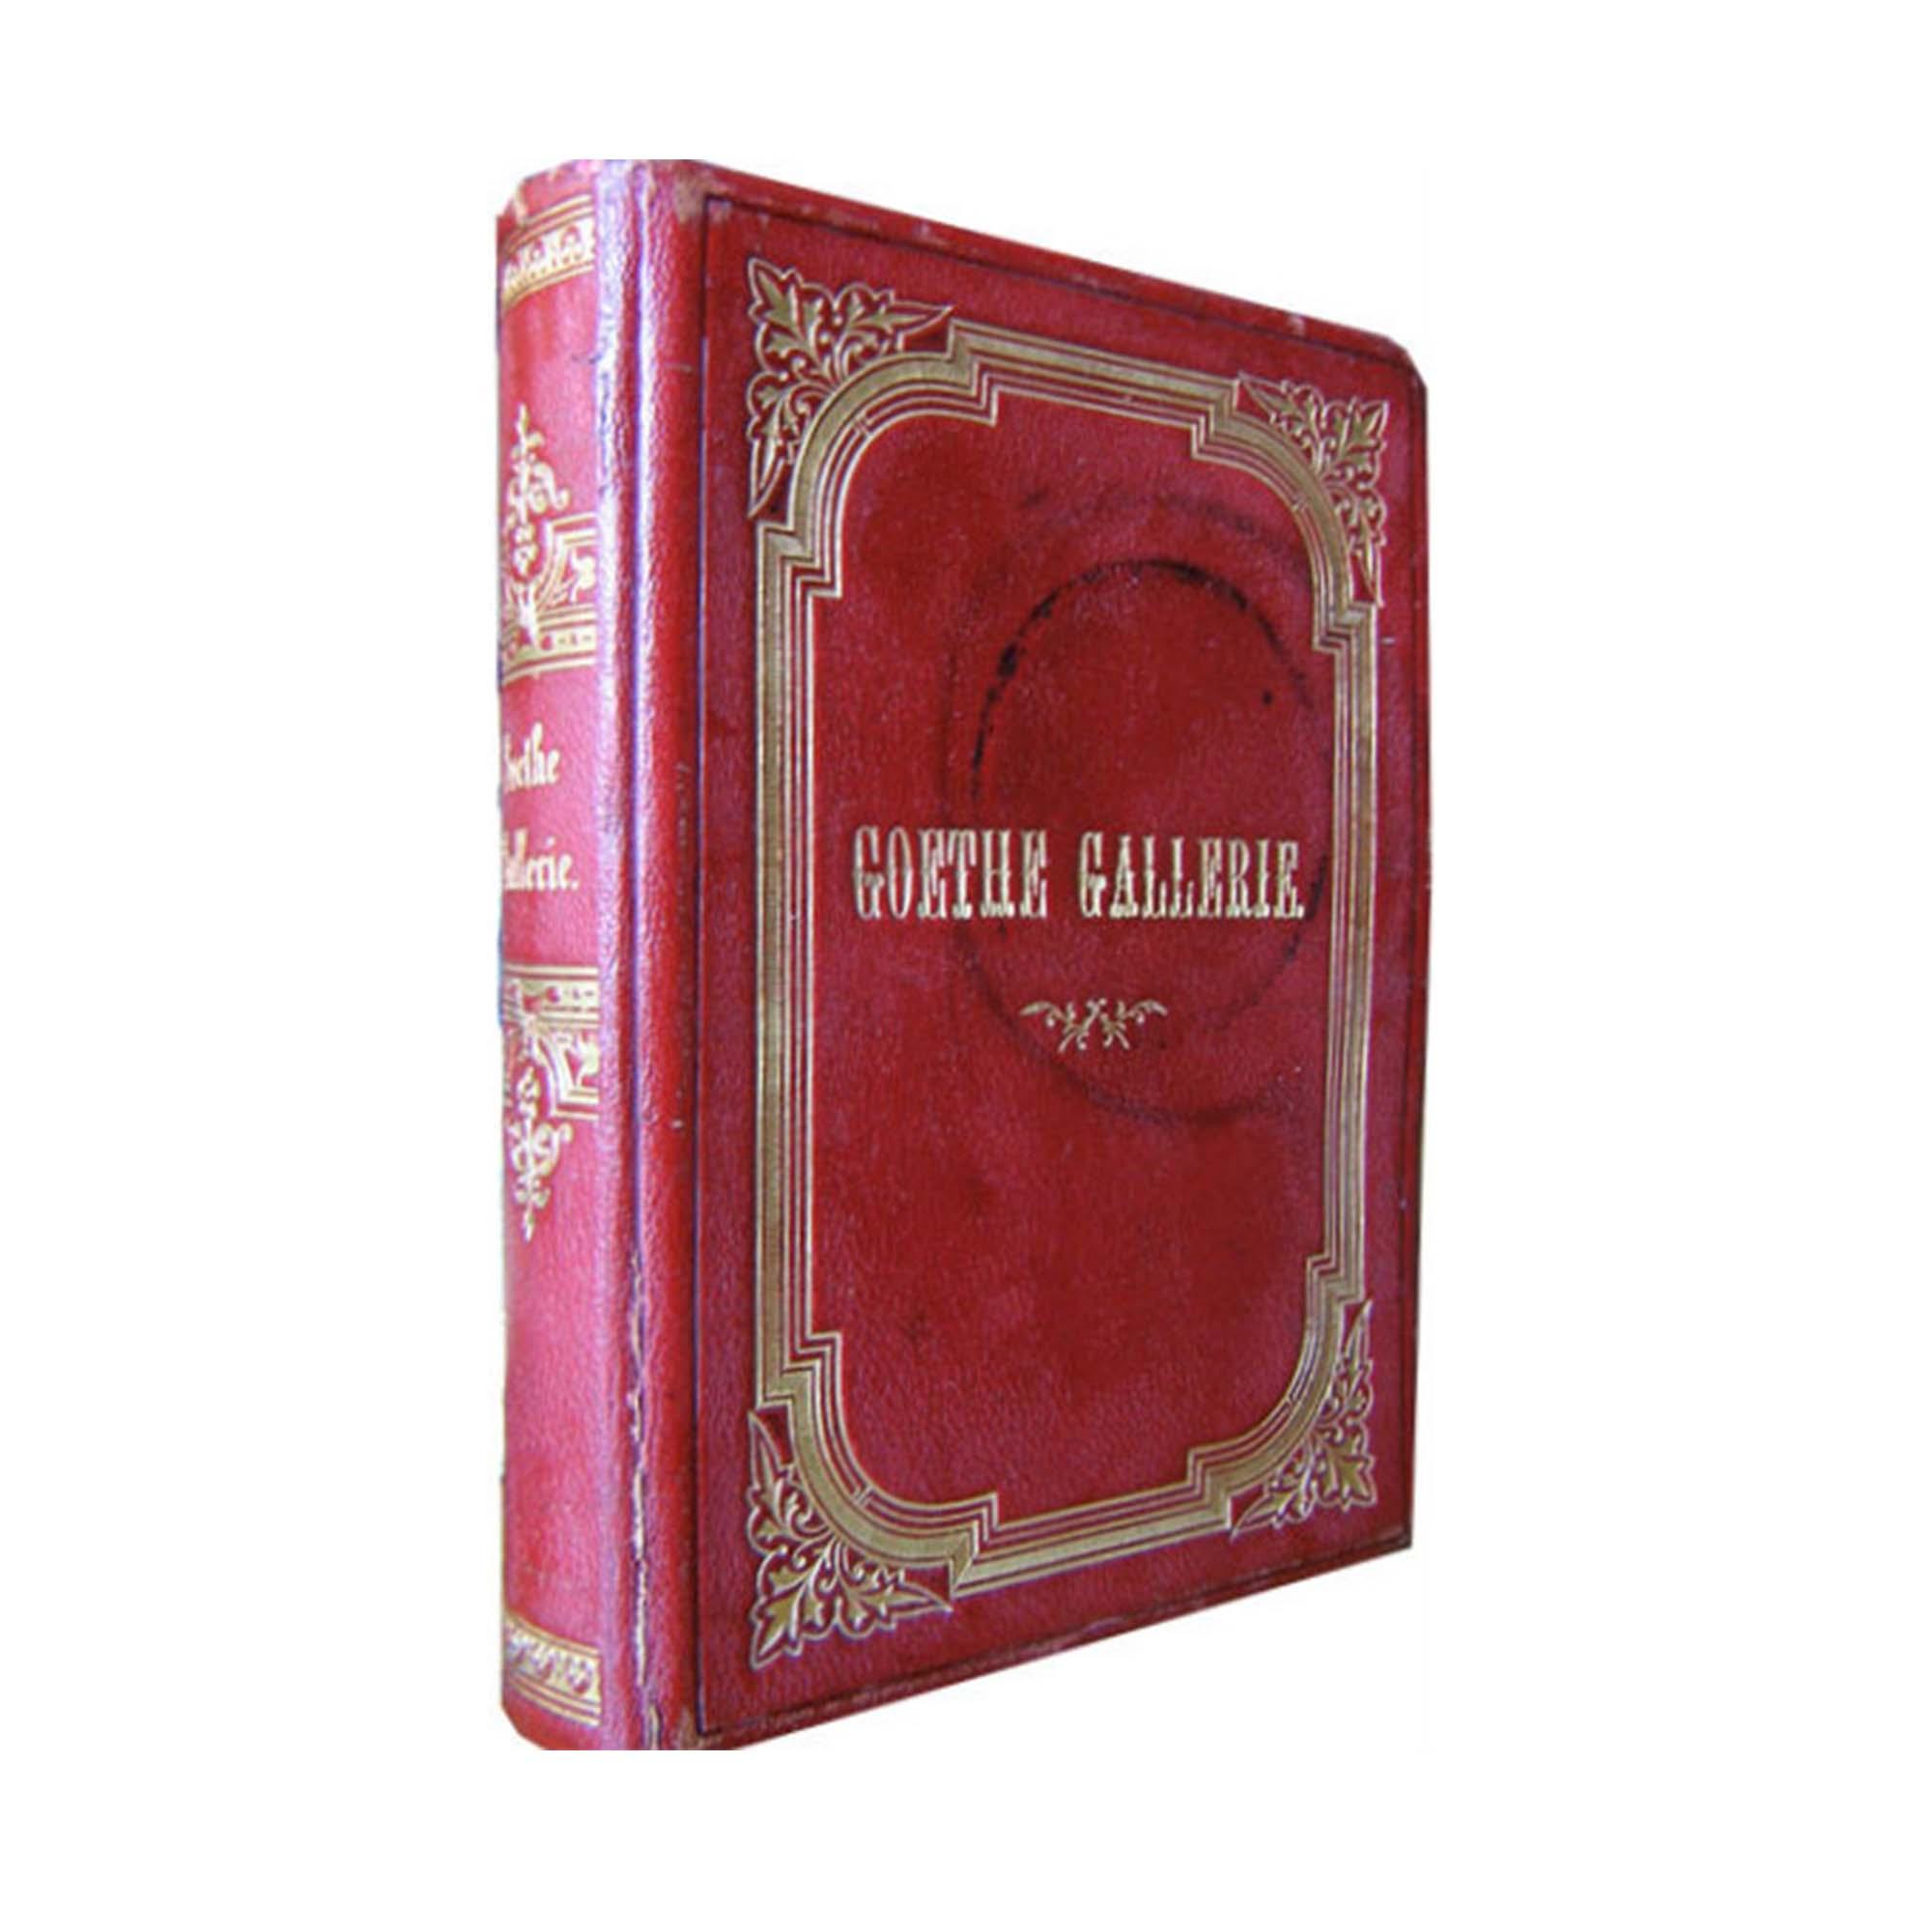 1025-Kaulbach-Goethe-Gallerie-1885-N.jpg